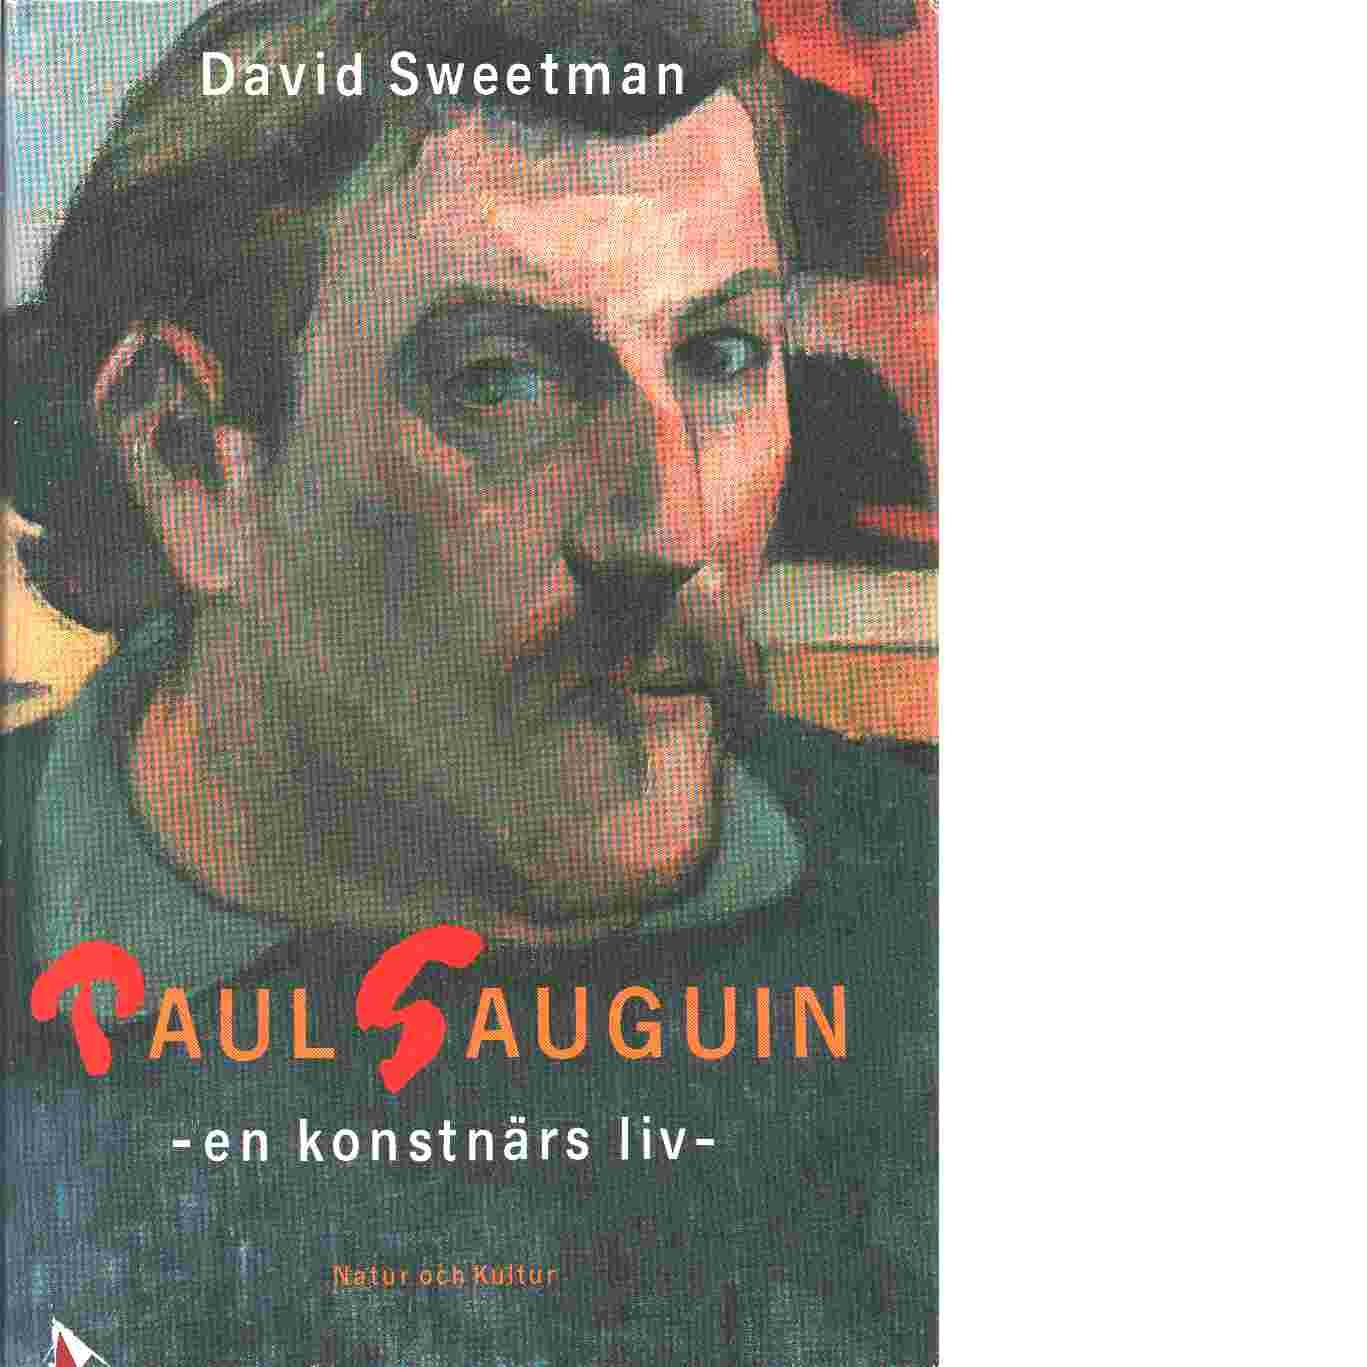 Paul Gauguin : en konstnärs liv - Sweetman, David